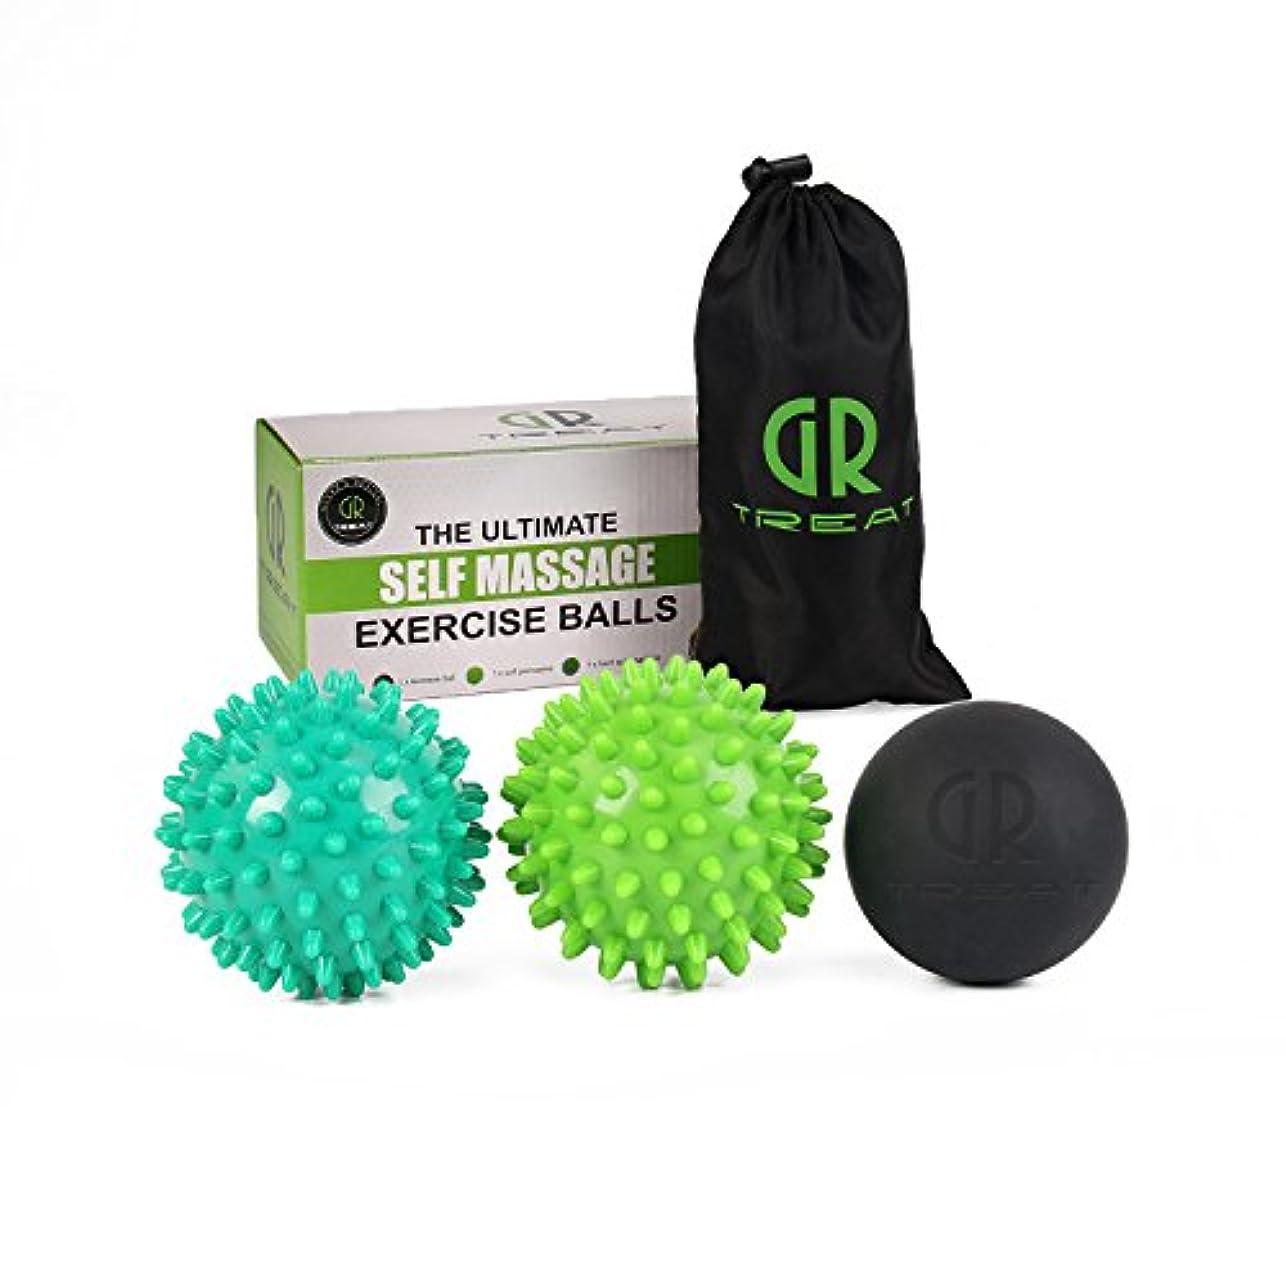 移住する襟メトロポリタンGR マッサージ ボール マッサージボール 健康グッズ 健康器具 血液循環促進 緊張緩和 15cm